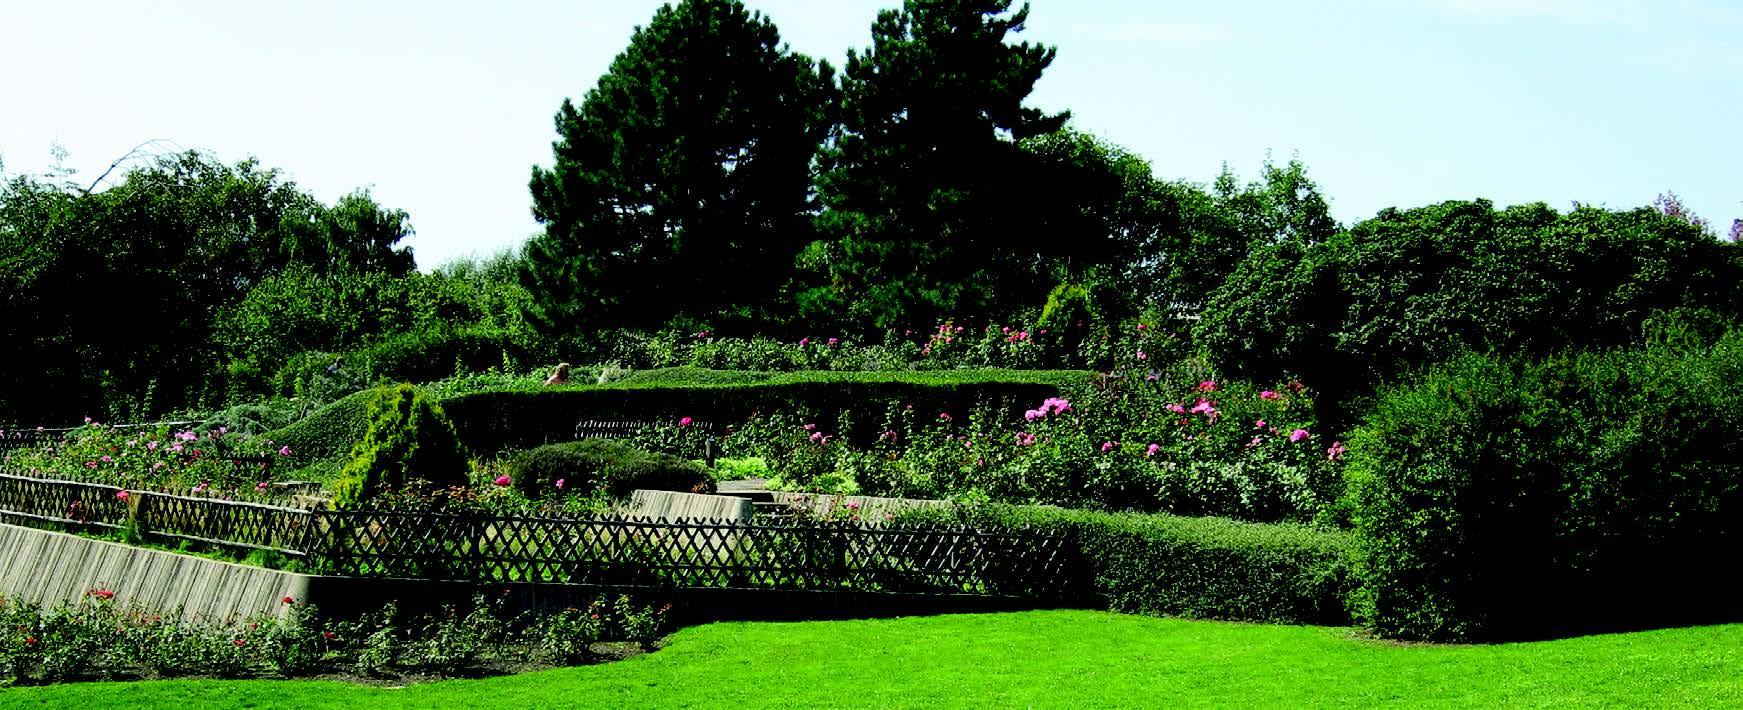 ECT Espaces Verts : pour une gestion durable des espaces verts.